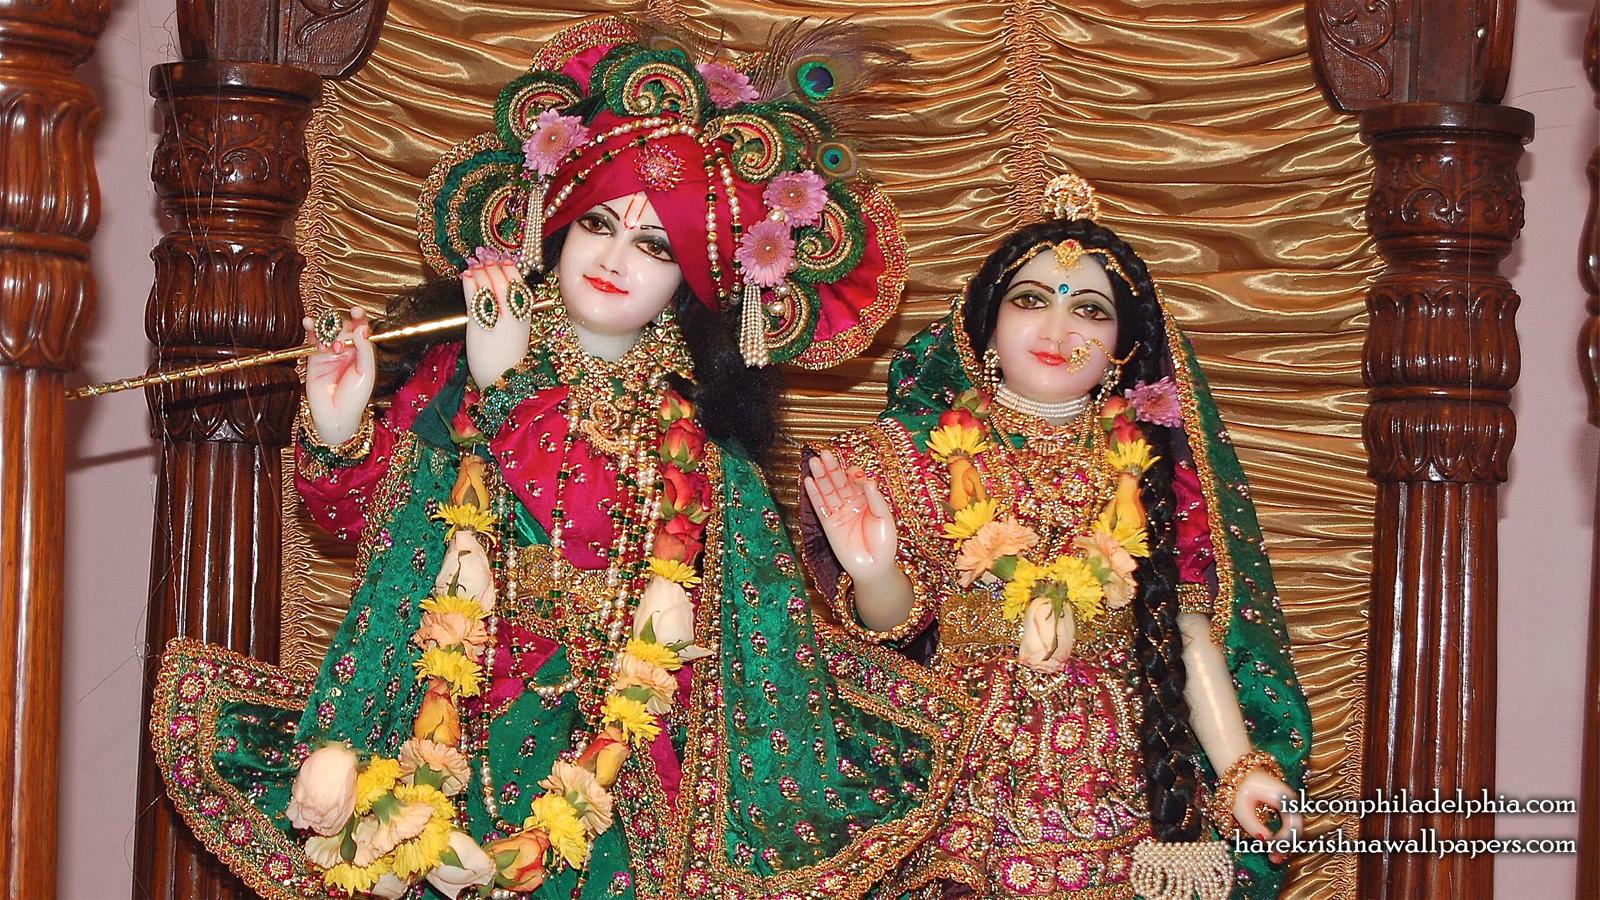 Sri Sri Radha Krishna Close up Wallpaper (003) Size 1600x900 Download